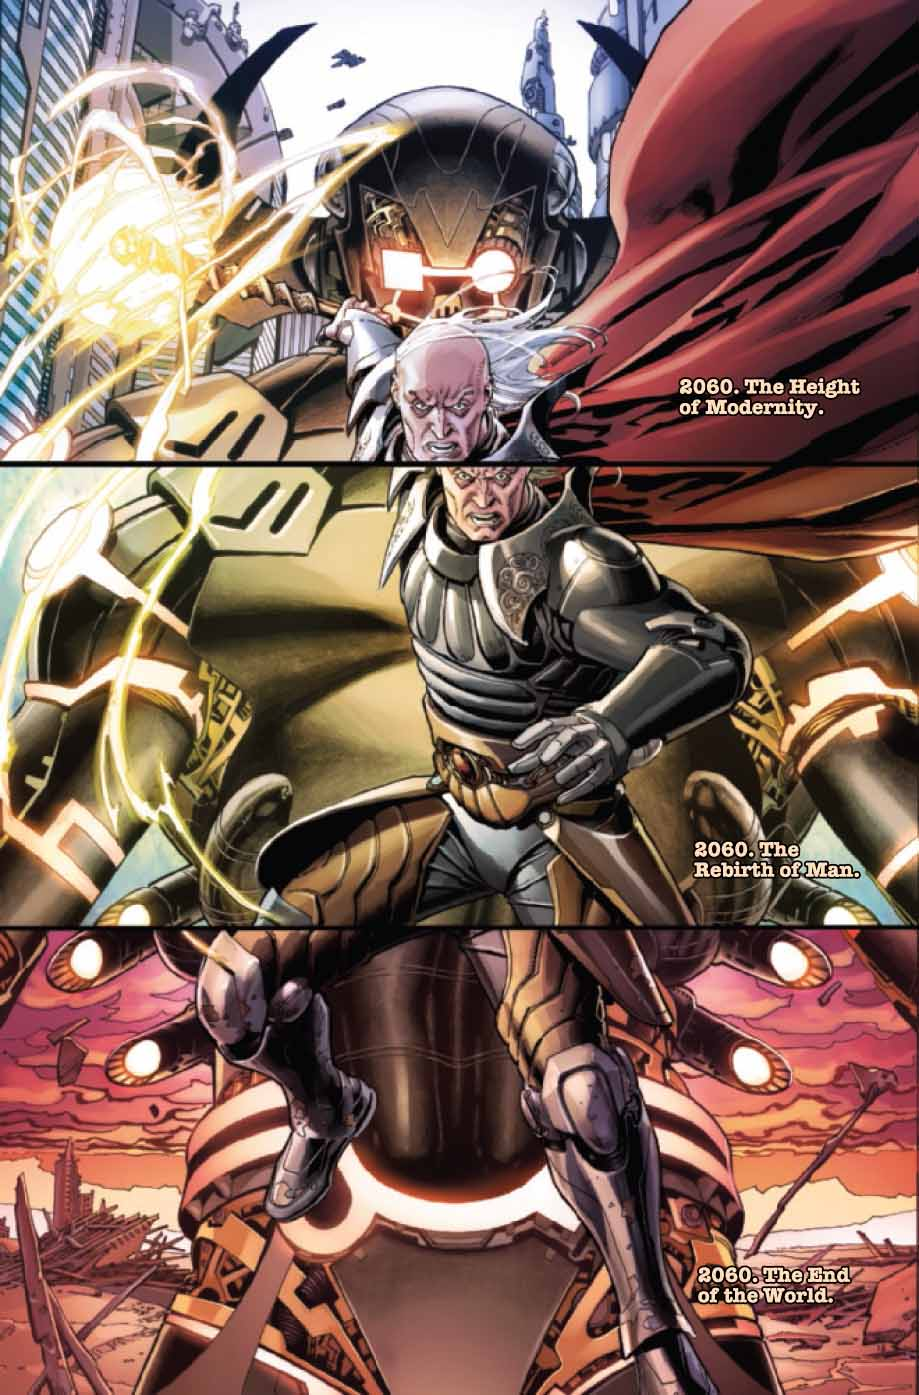 shield52